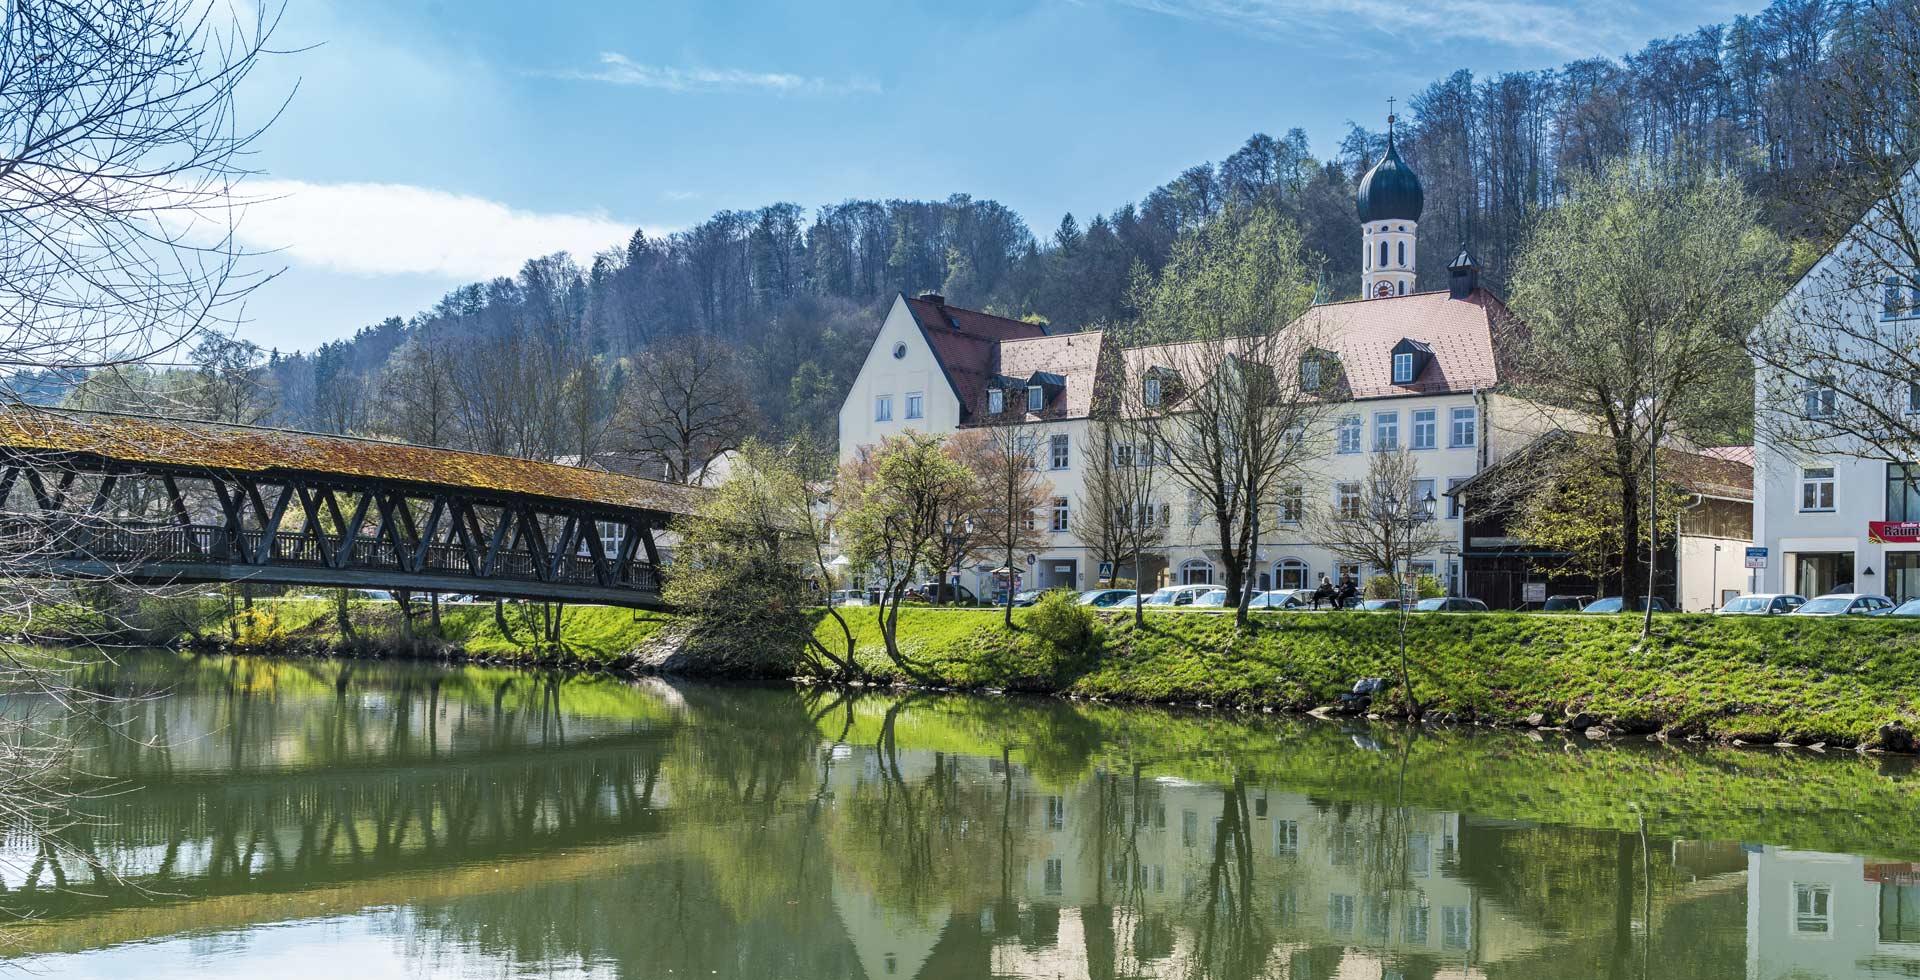 LHOMES_Neubauimmobilie_Sauerlacherstrasse-Wolfratshausen-Lage